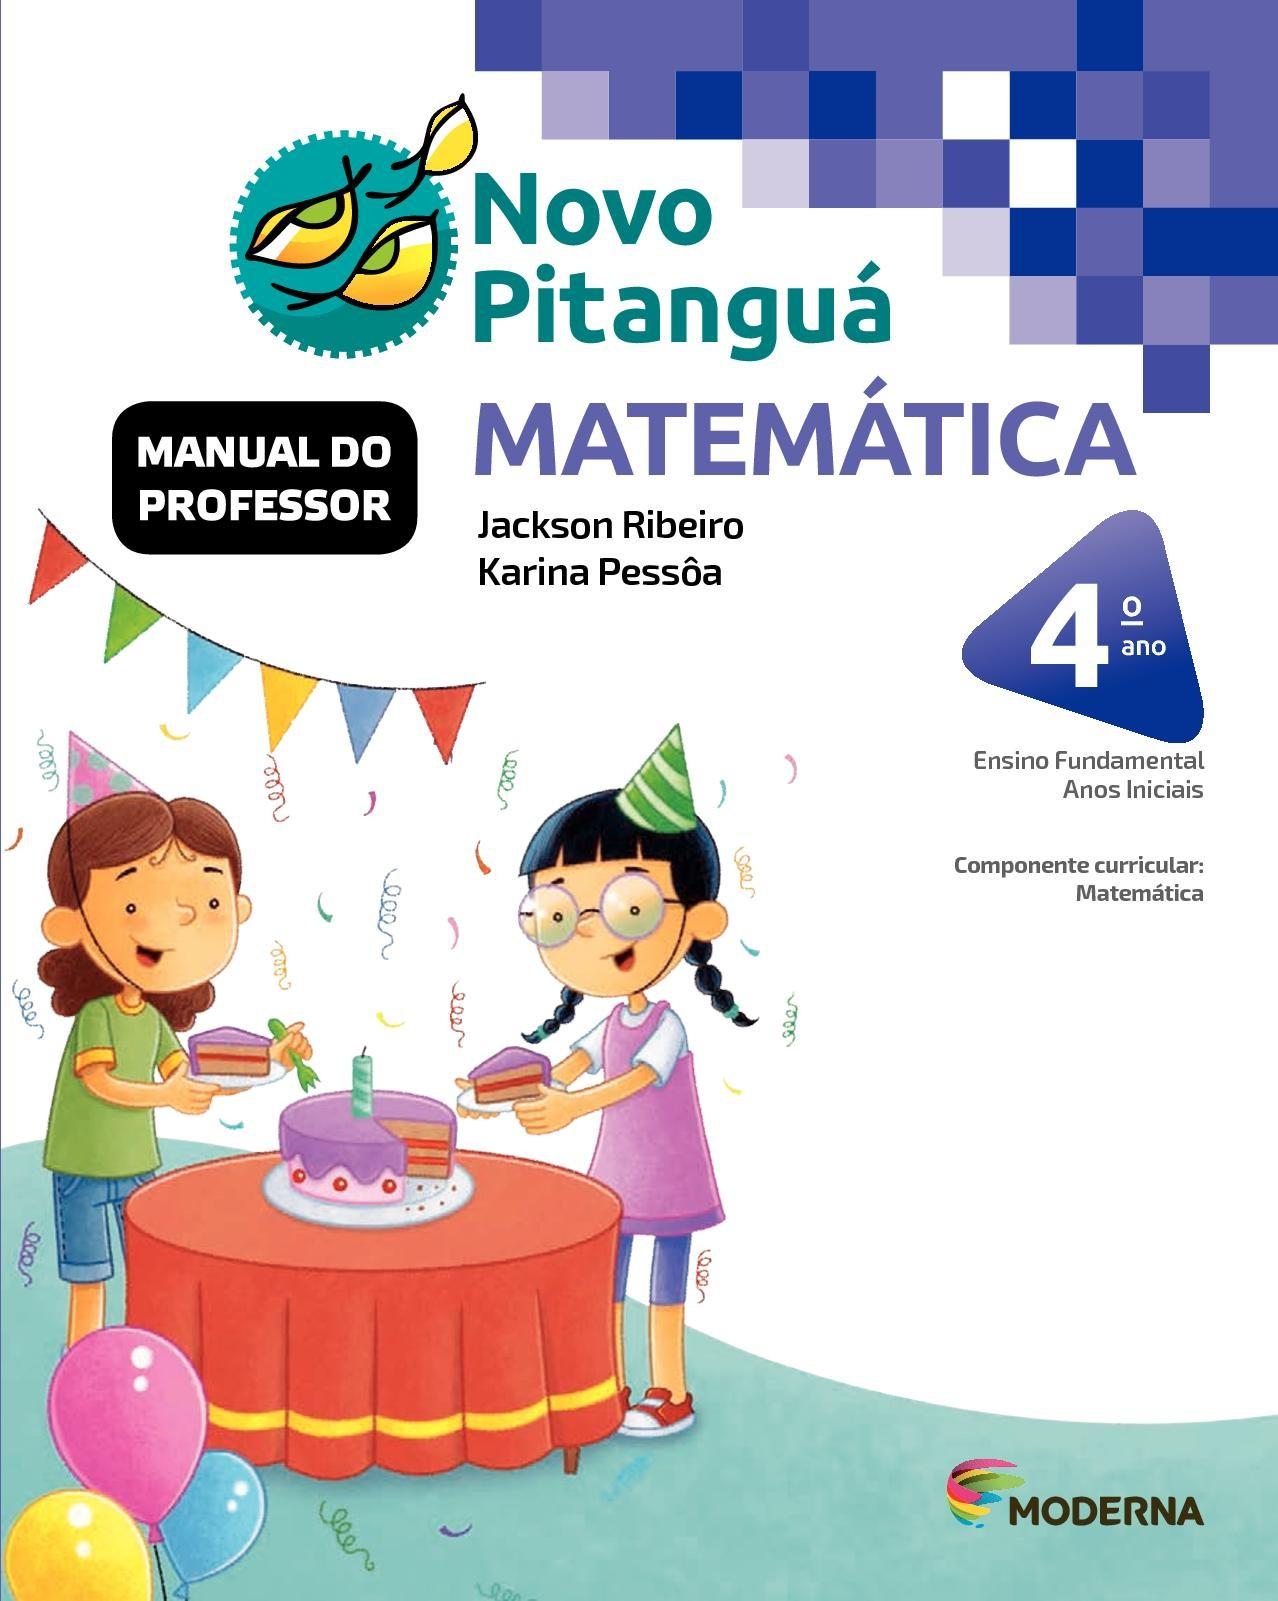 Calendario Agosto 2019 Para Imprimir Para Niños Más Recientes Calaméo Novo Pitangu Matemática 4º Ano Of Calendario Agosto 2019 Para Imprimir Para Niños Más Populares De Estudio No Se